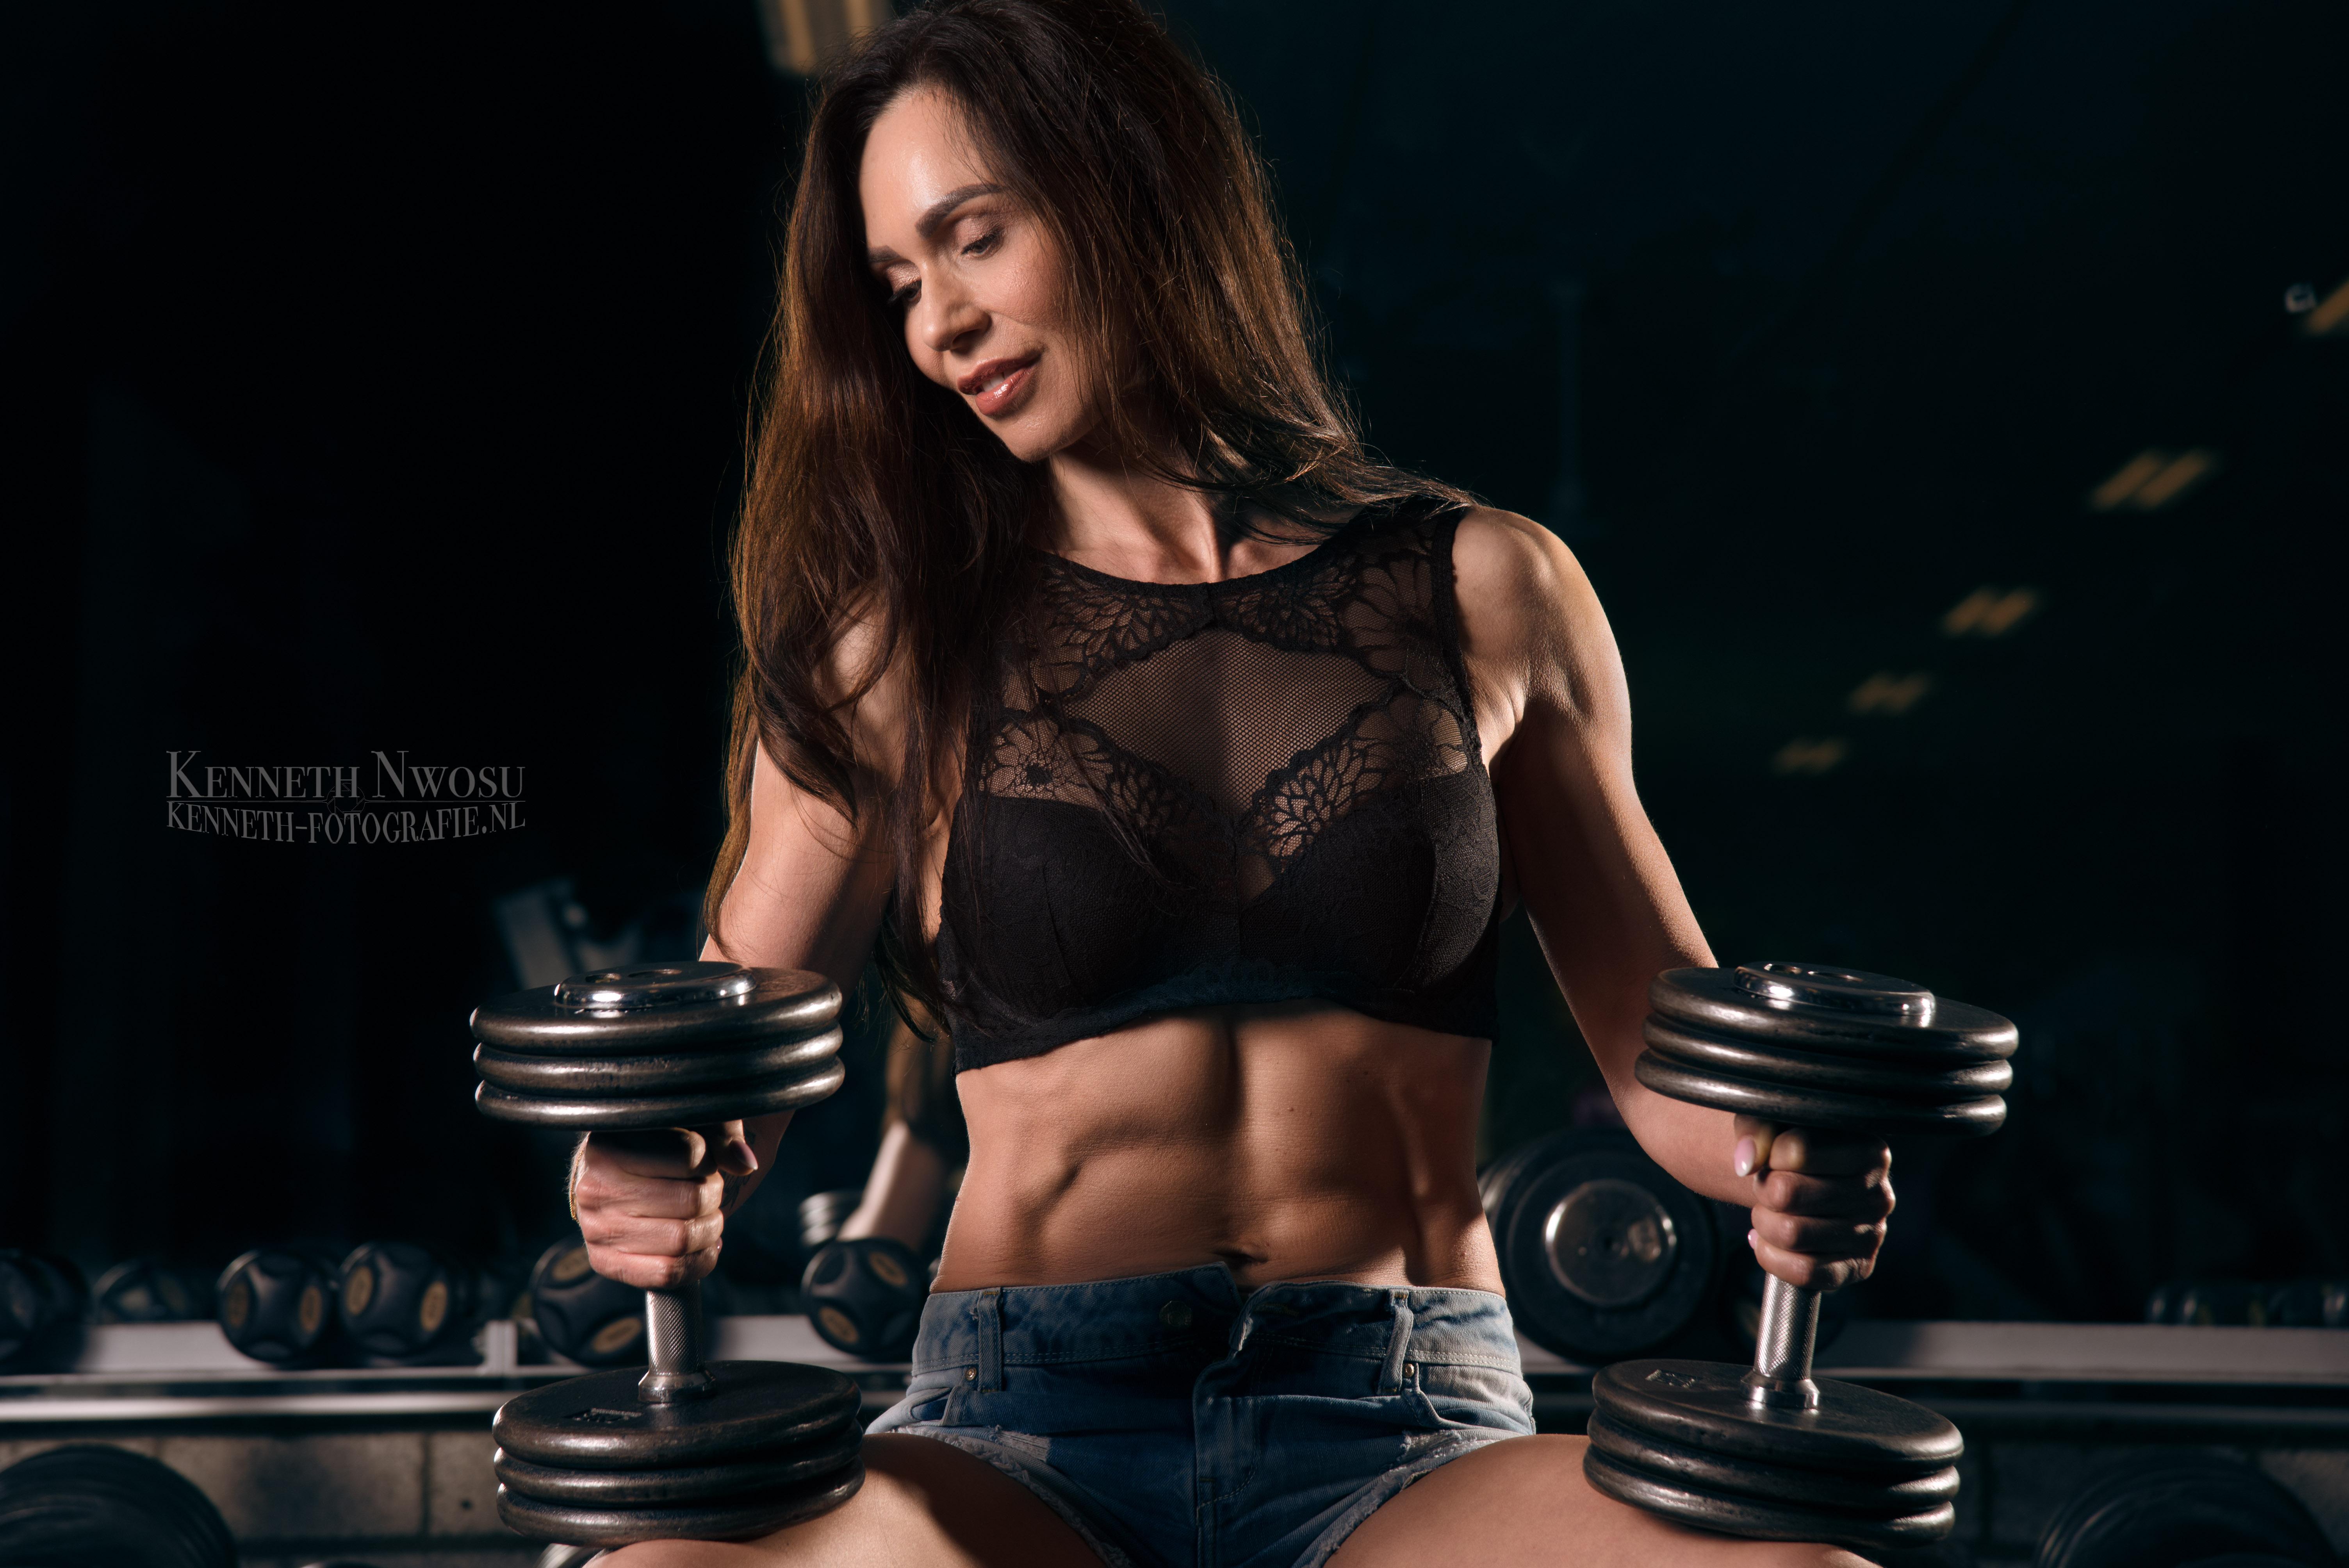 Fotoshoot in de sportschool met Rozanne Morsink